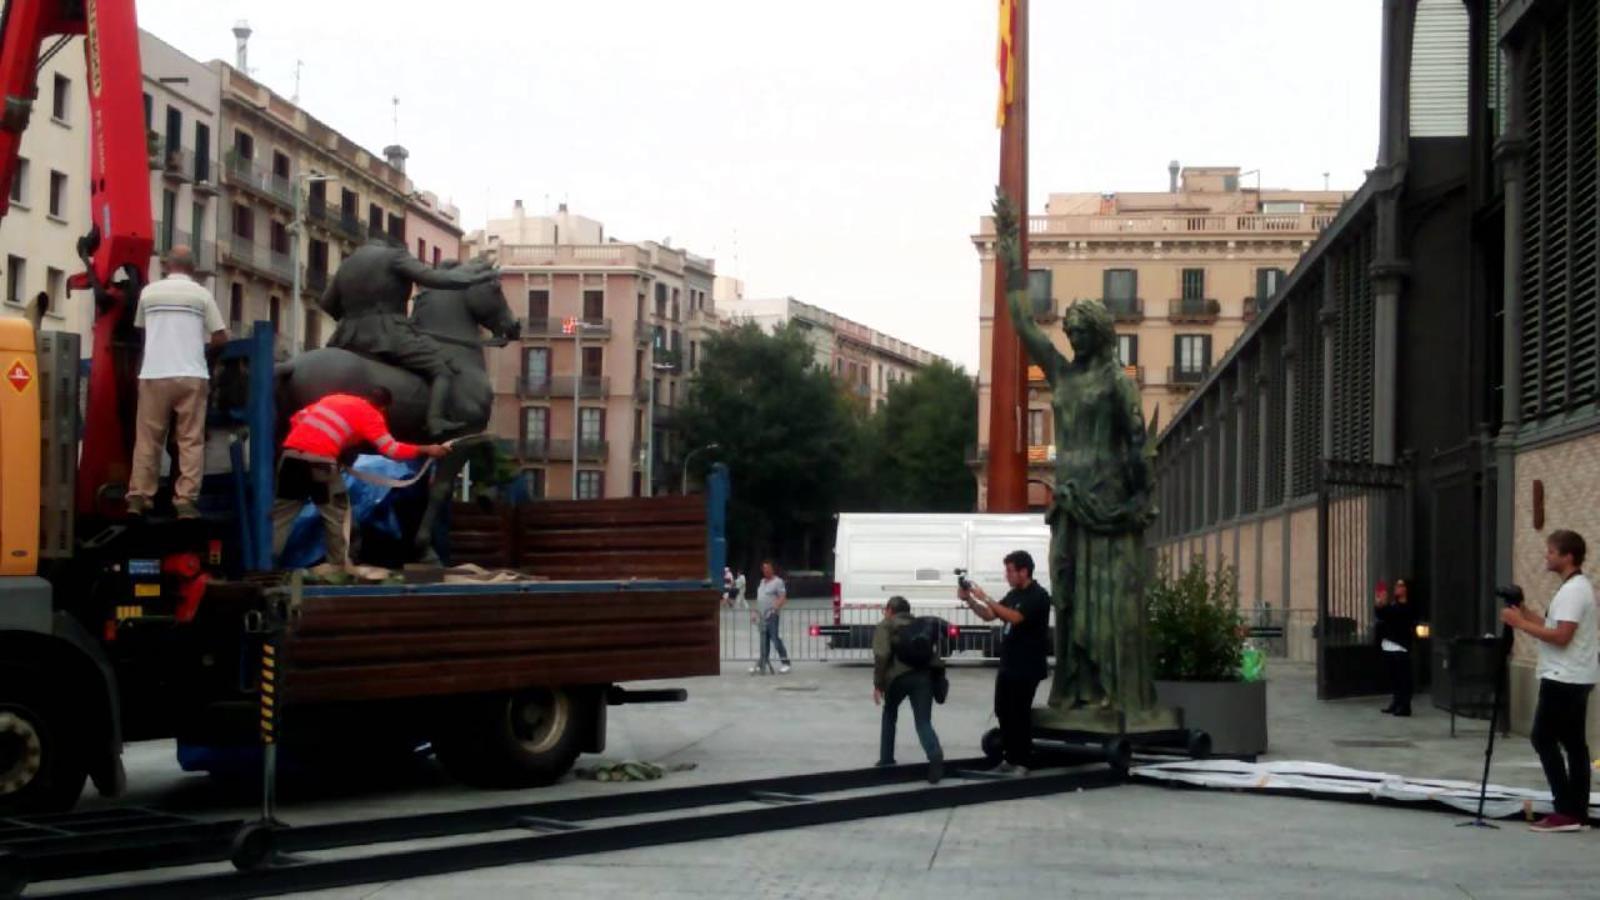 L'estàtua de Franco arriba al Born